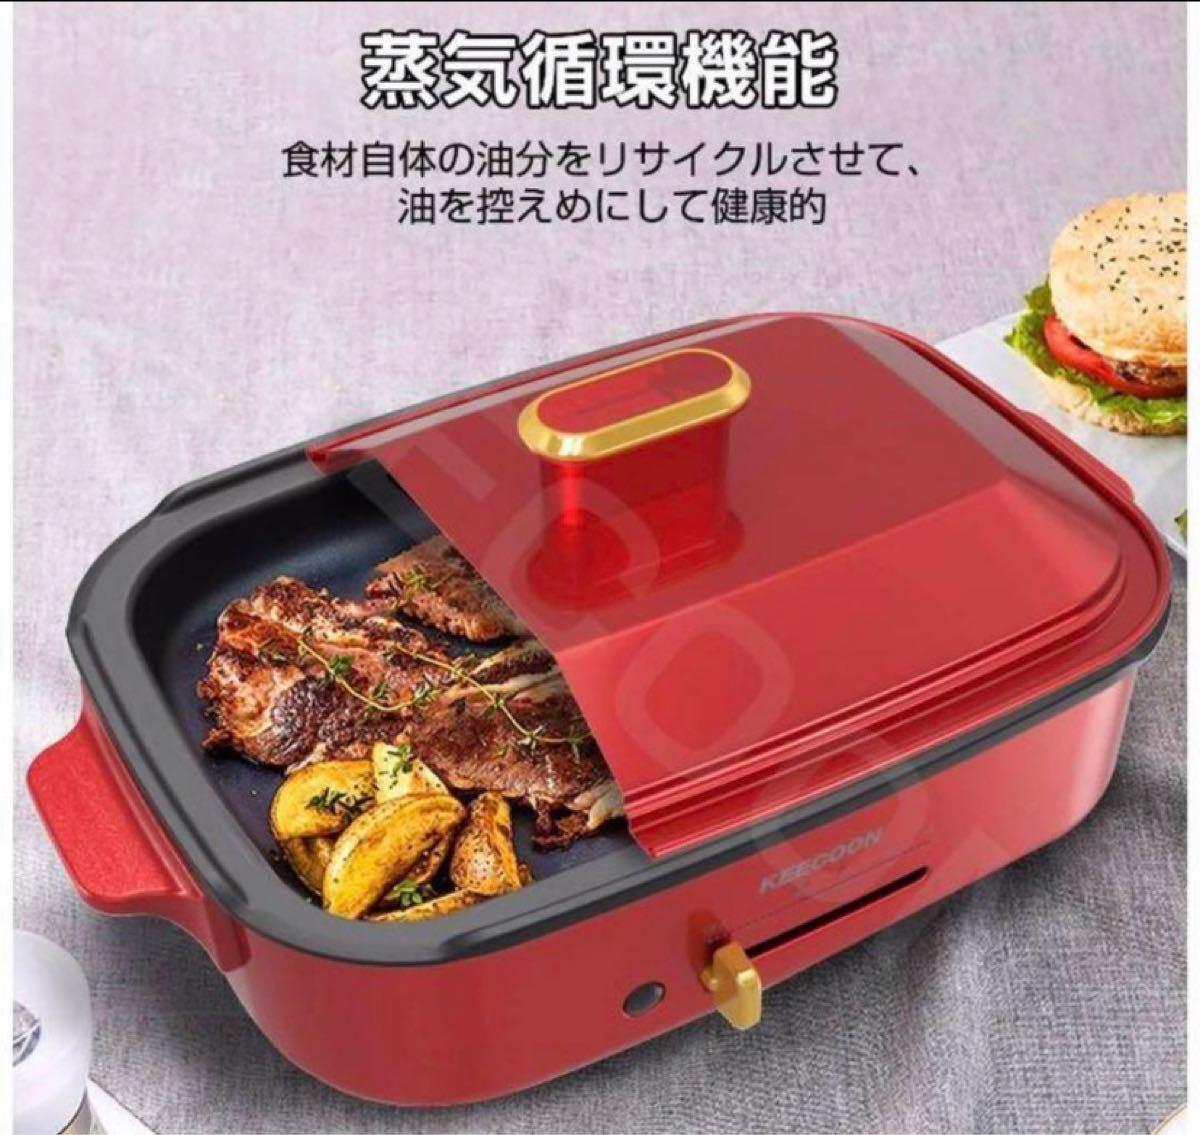 【値下げしました】KEECOON ホットプレート たこ焼き 焼肉 二枚セット1200W無段階温度調節 レッド